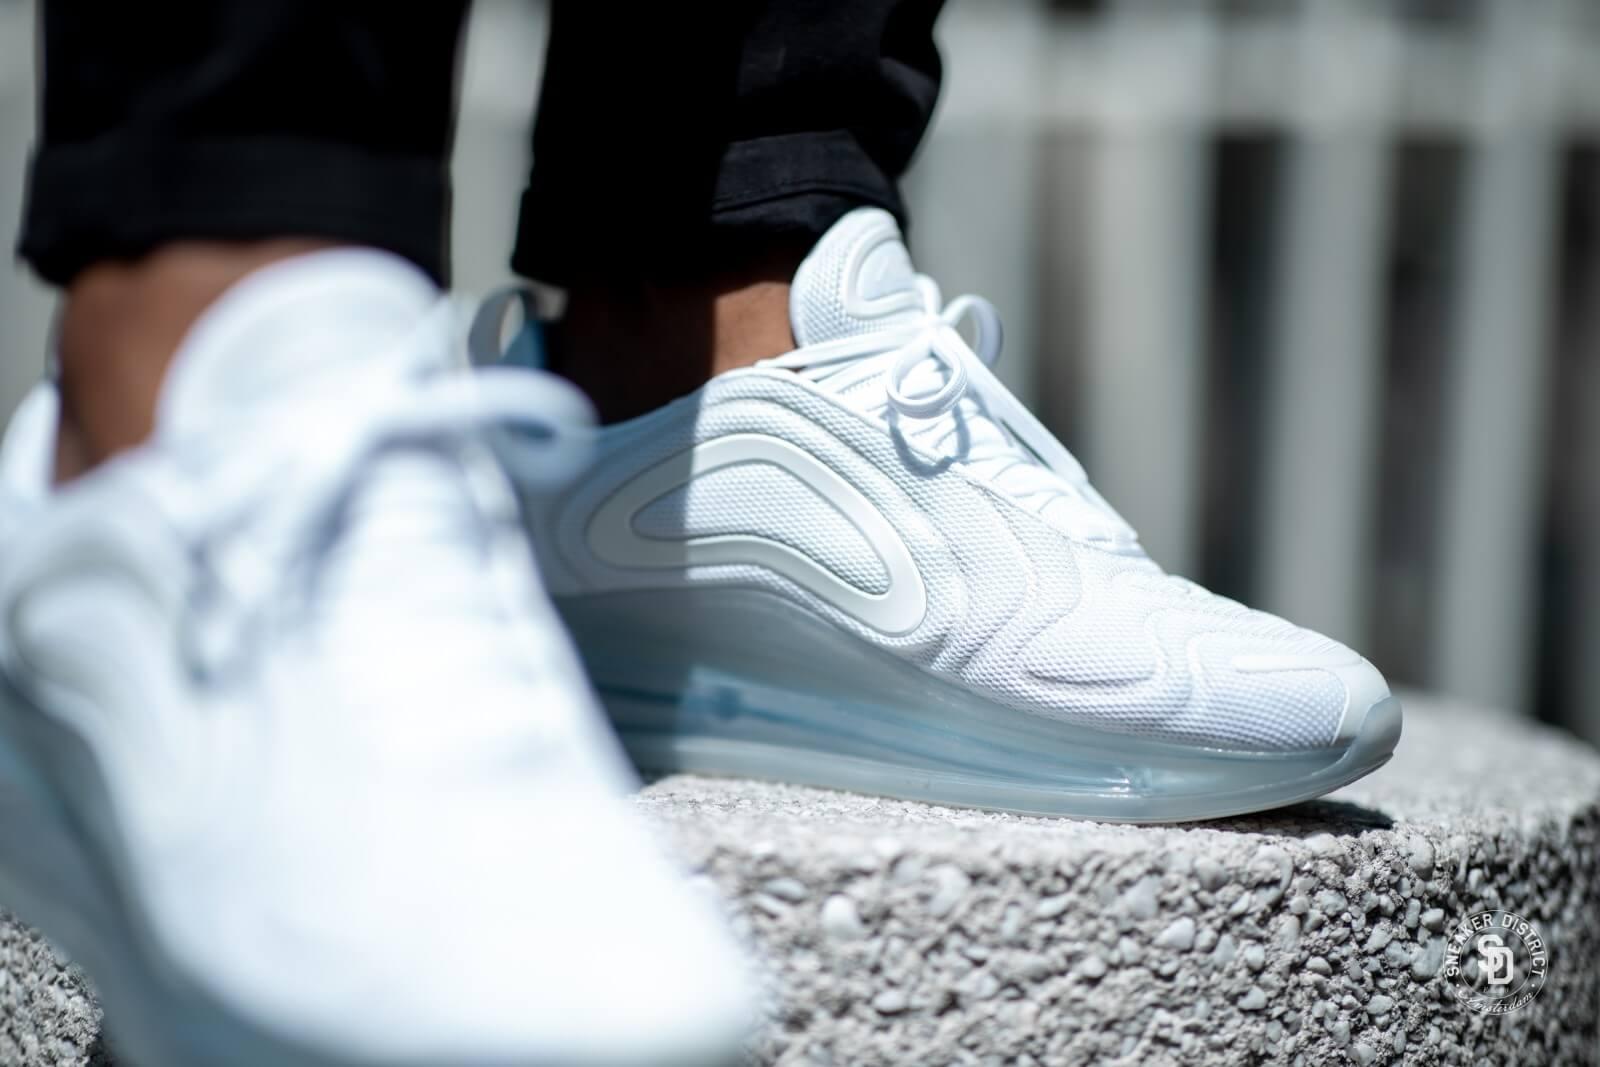 Marcar flaco Milagroso  Nike Air Max 720 White/Metallic Platinum - AO2924-100